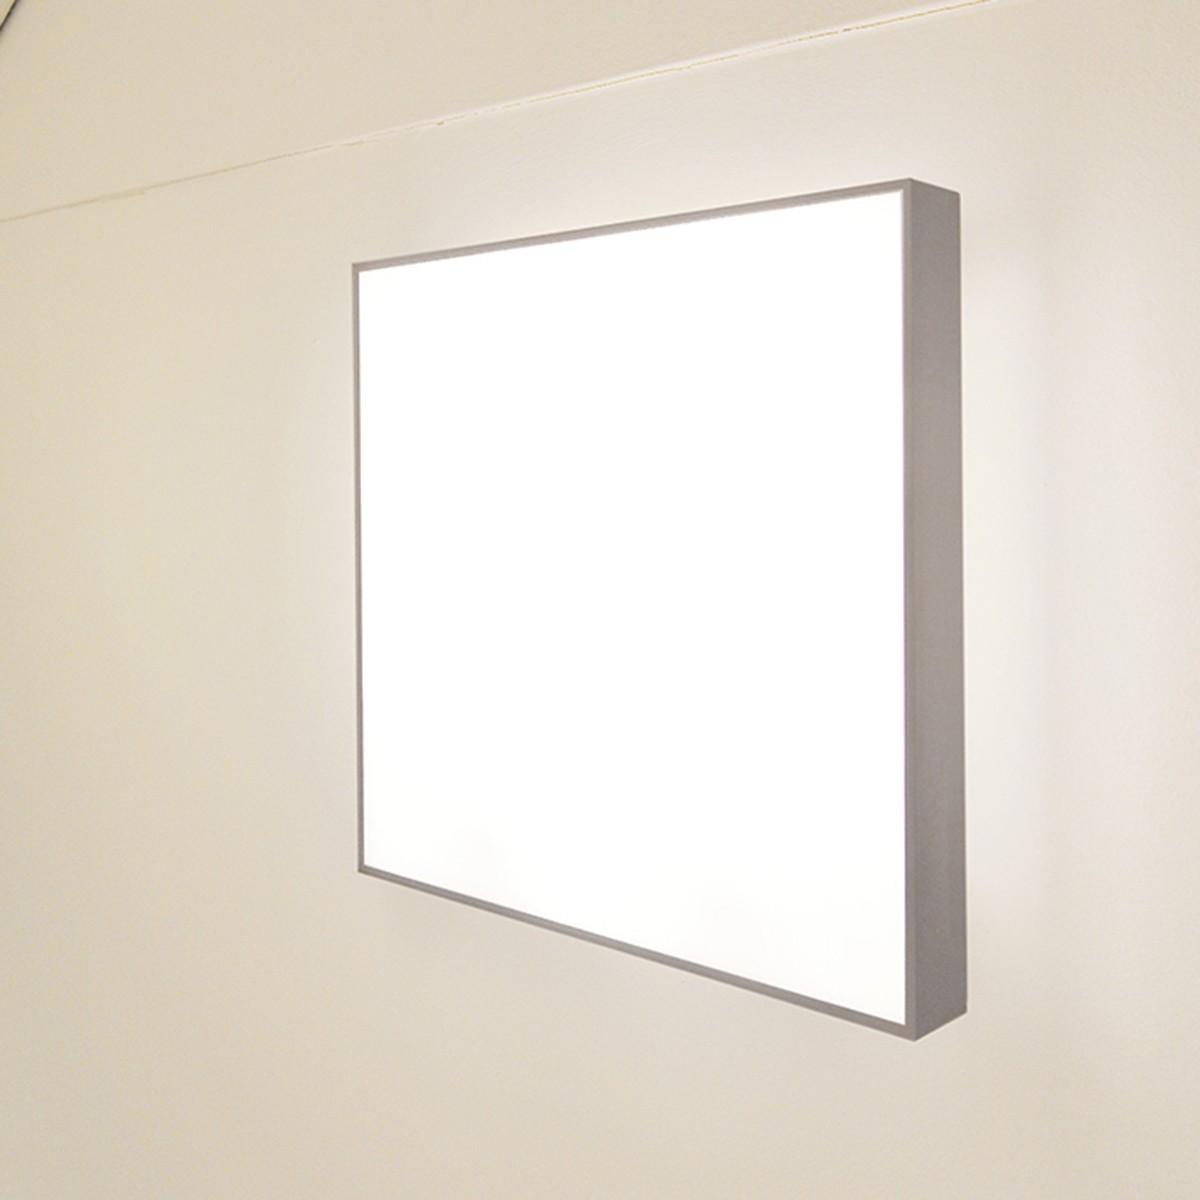 Byok Vascina Wandleuchte, 35 x 35 cm, mit Schalter